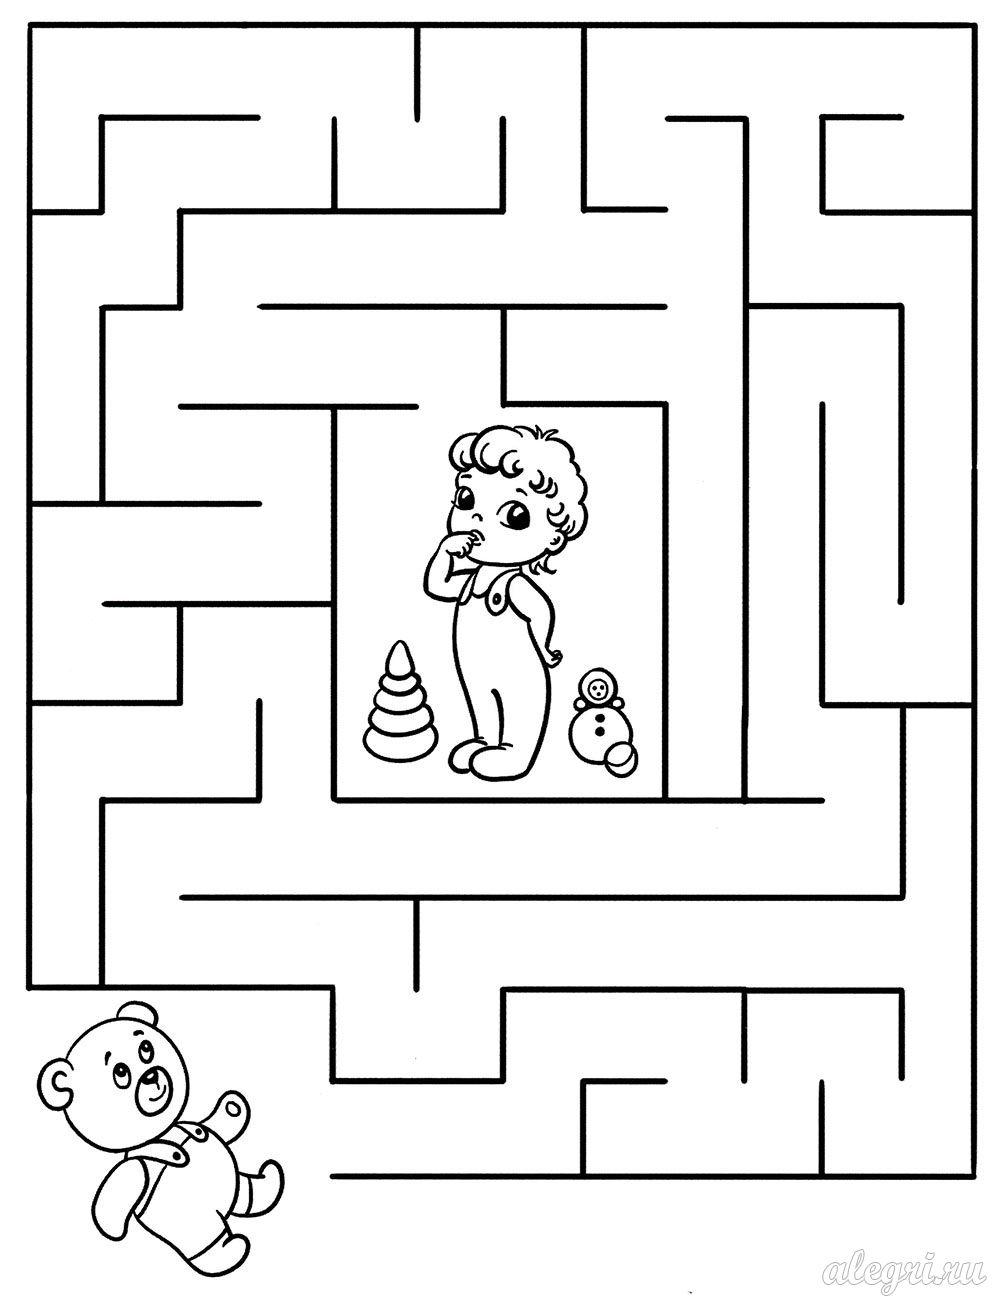 Развивающие игры для детей с 2 лет в домашних условиях